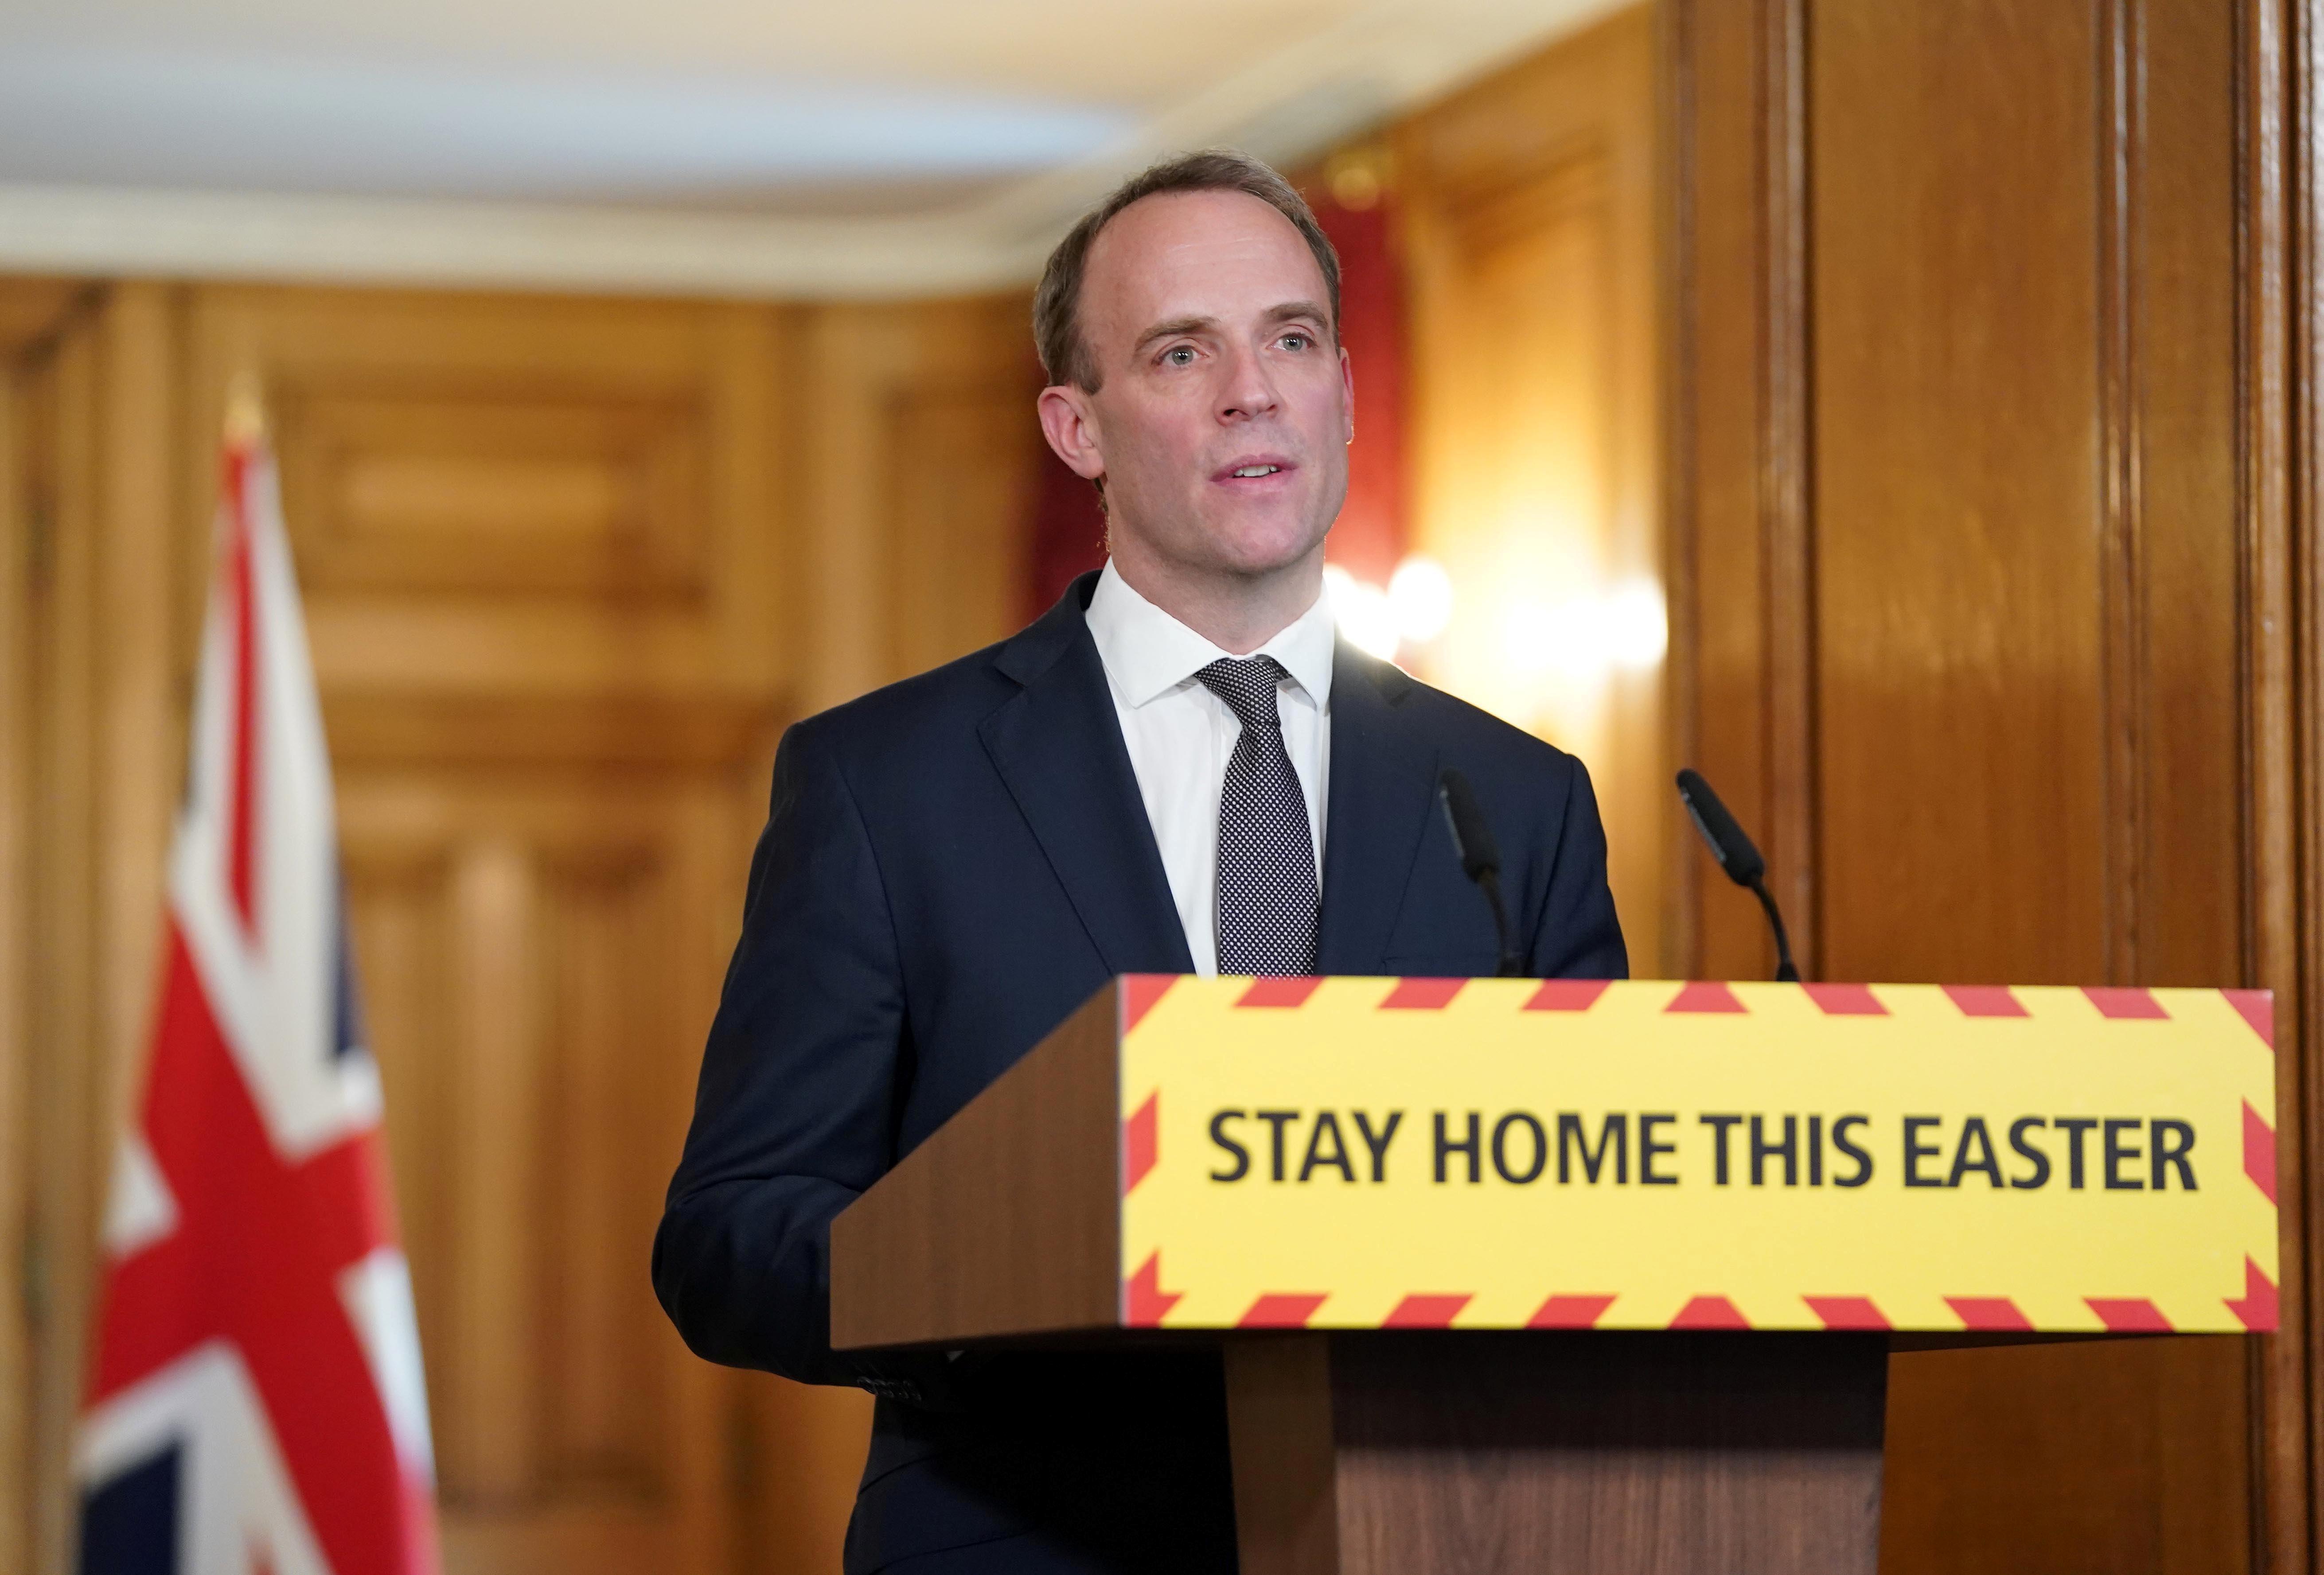 Le Premier ministre britannique Johnson progresse dans la lutte contre le COVID-19, mais toujours en soins intensifs